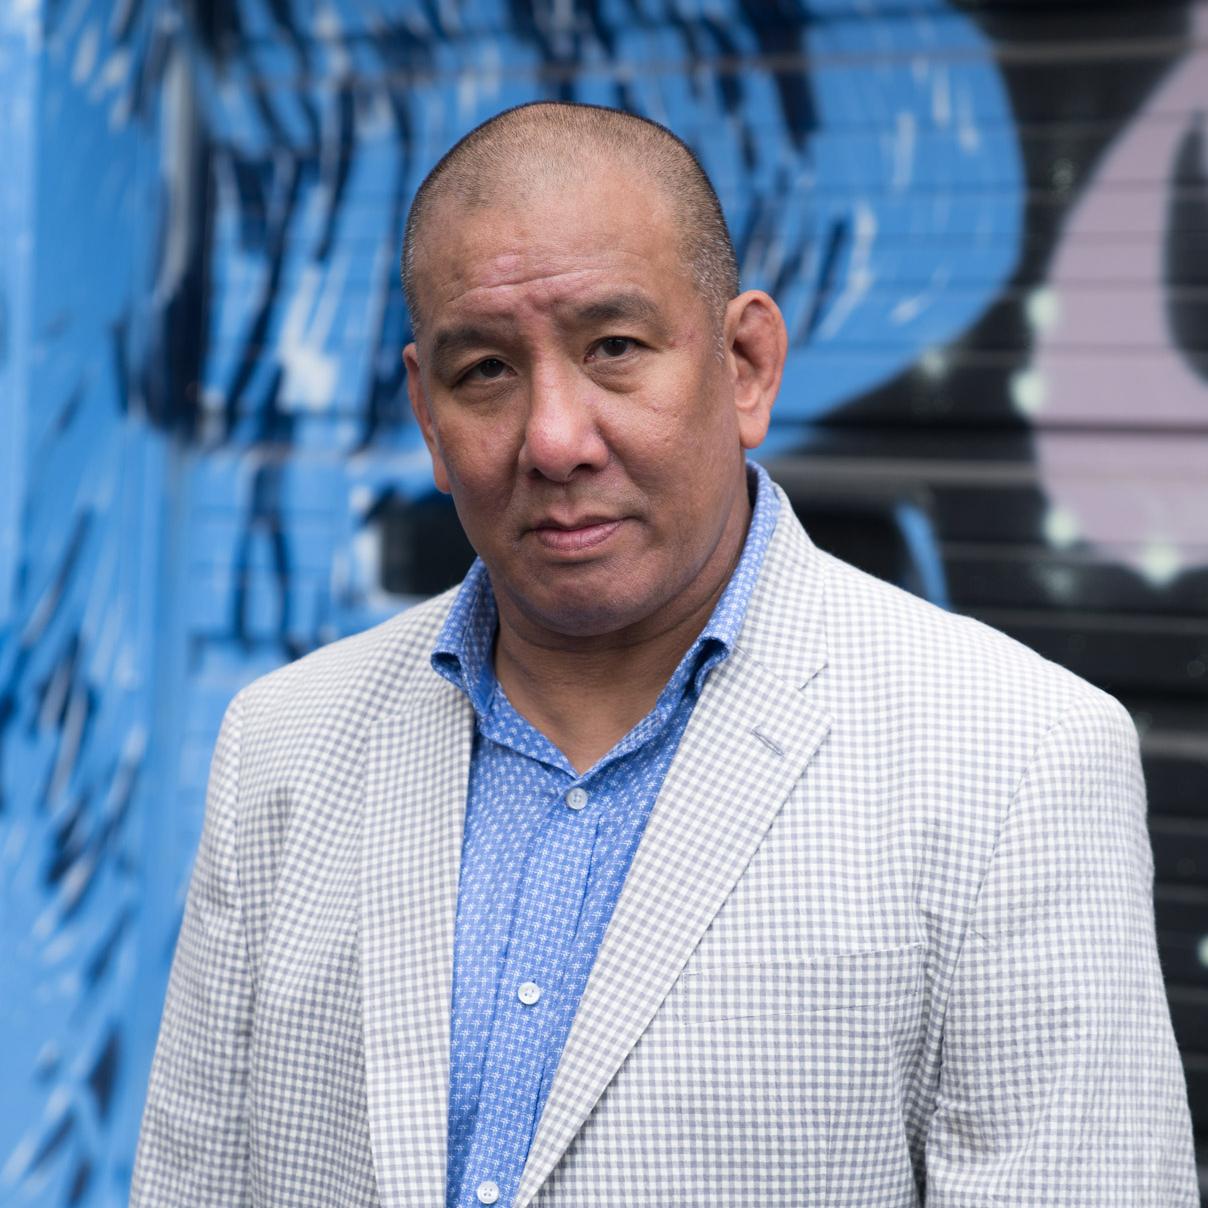 Ernie Wong